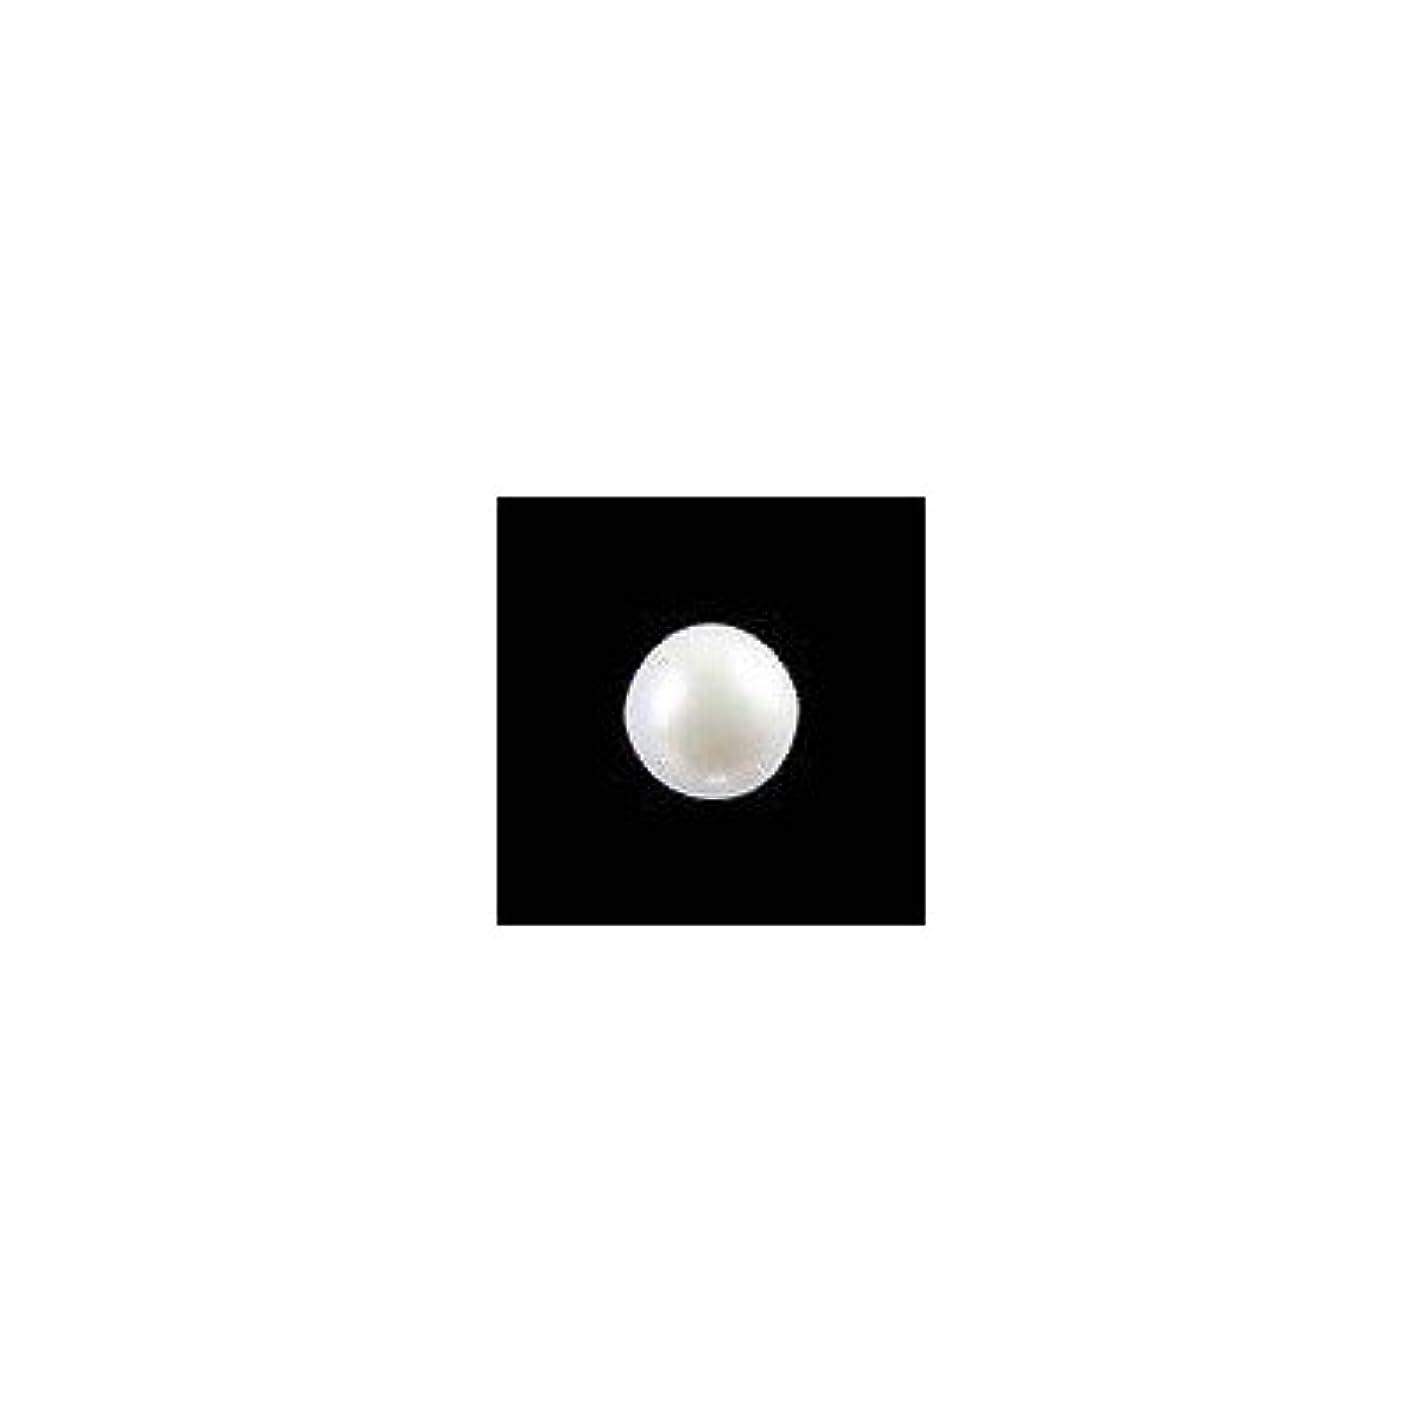 プリーツ前投薬小石ピアドラ 大粒パール ラウンド(4mm)24P